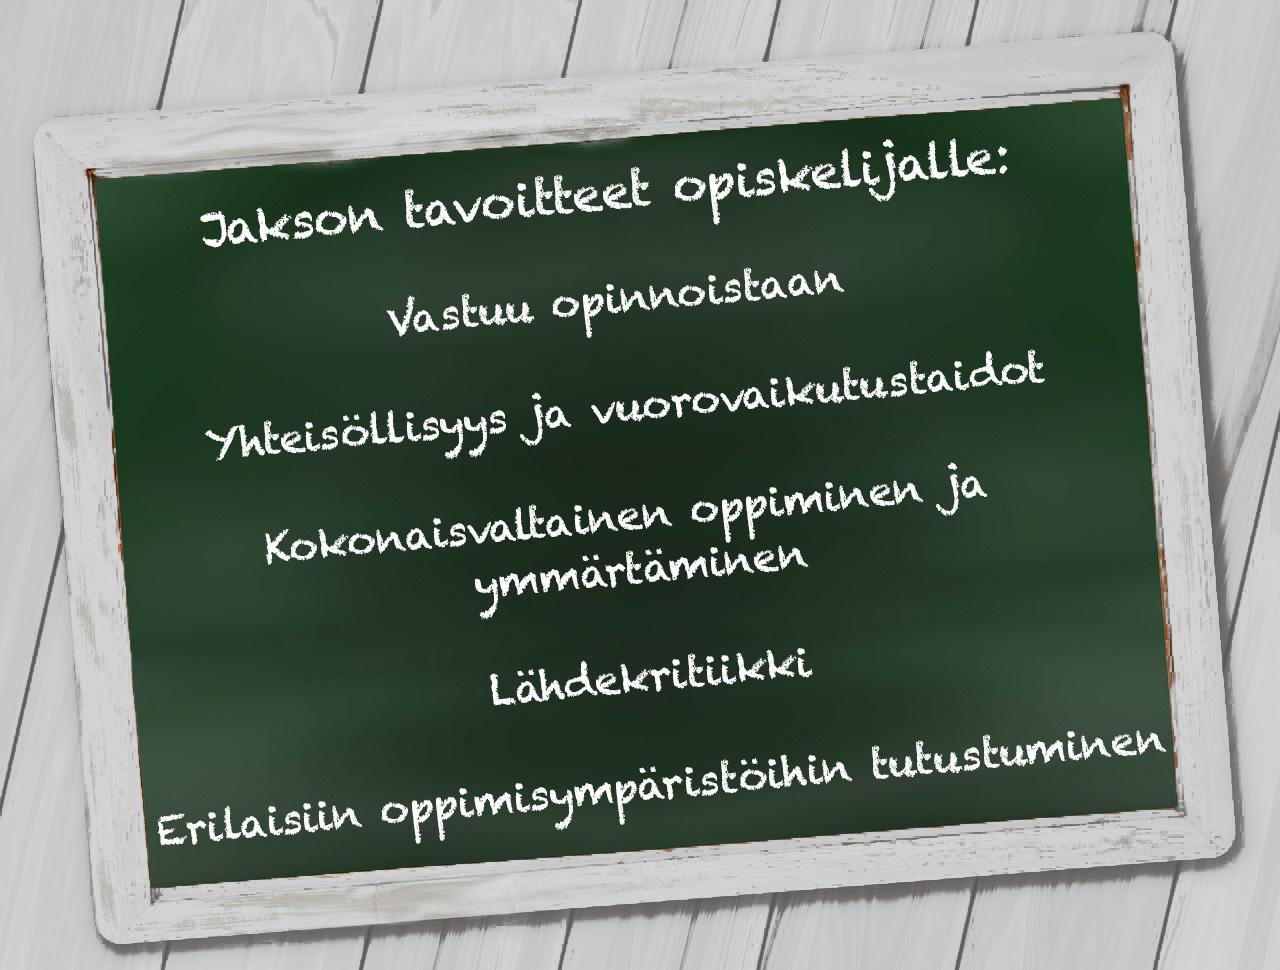 tavoitteet-opiskelijalle